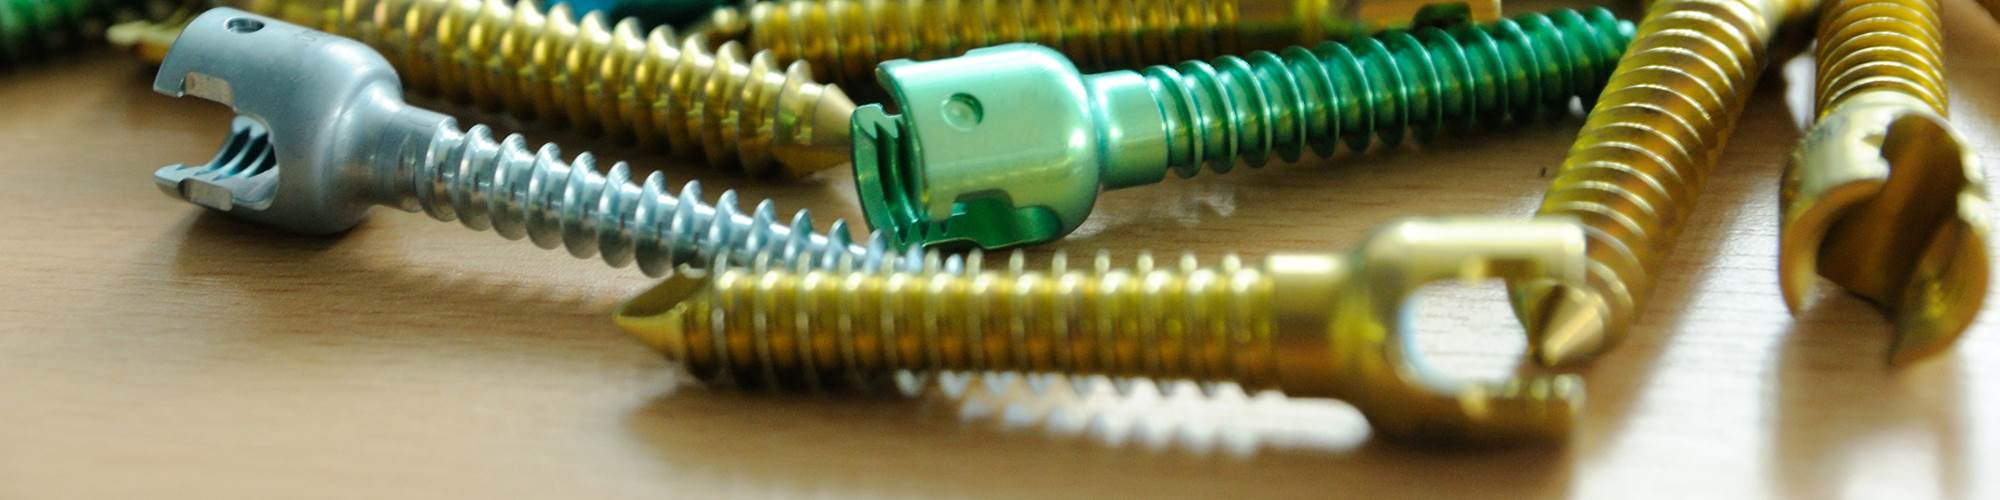 Medical bone screws